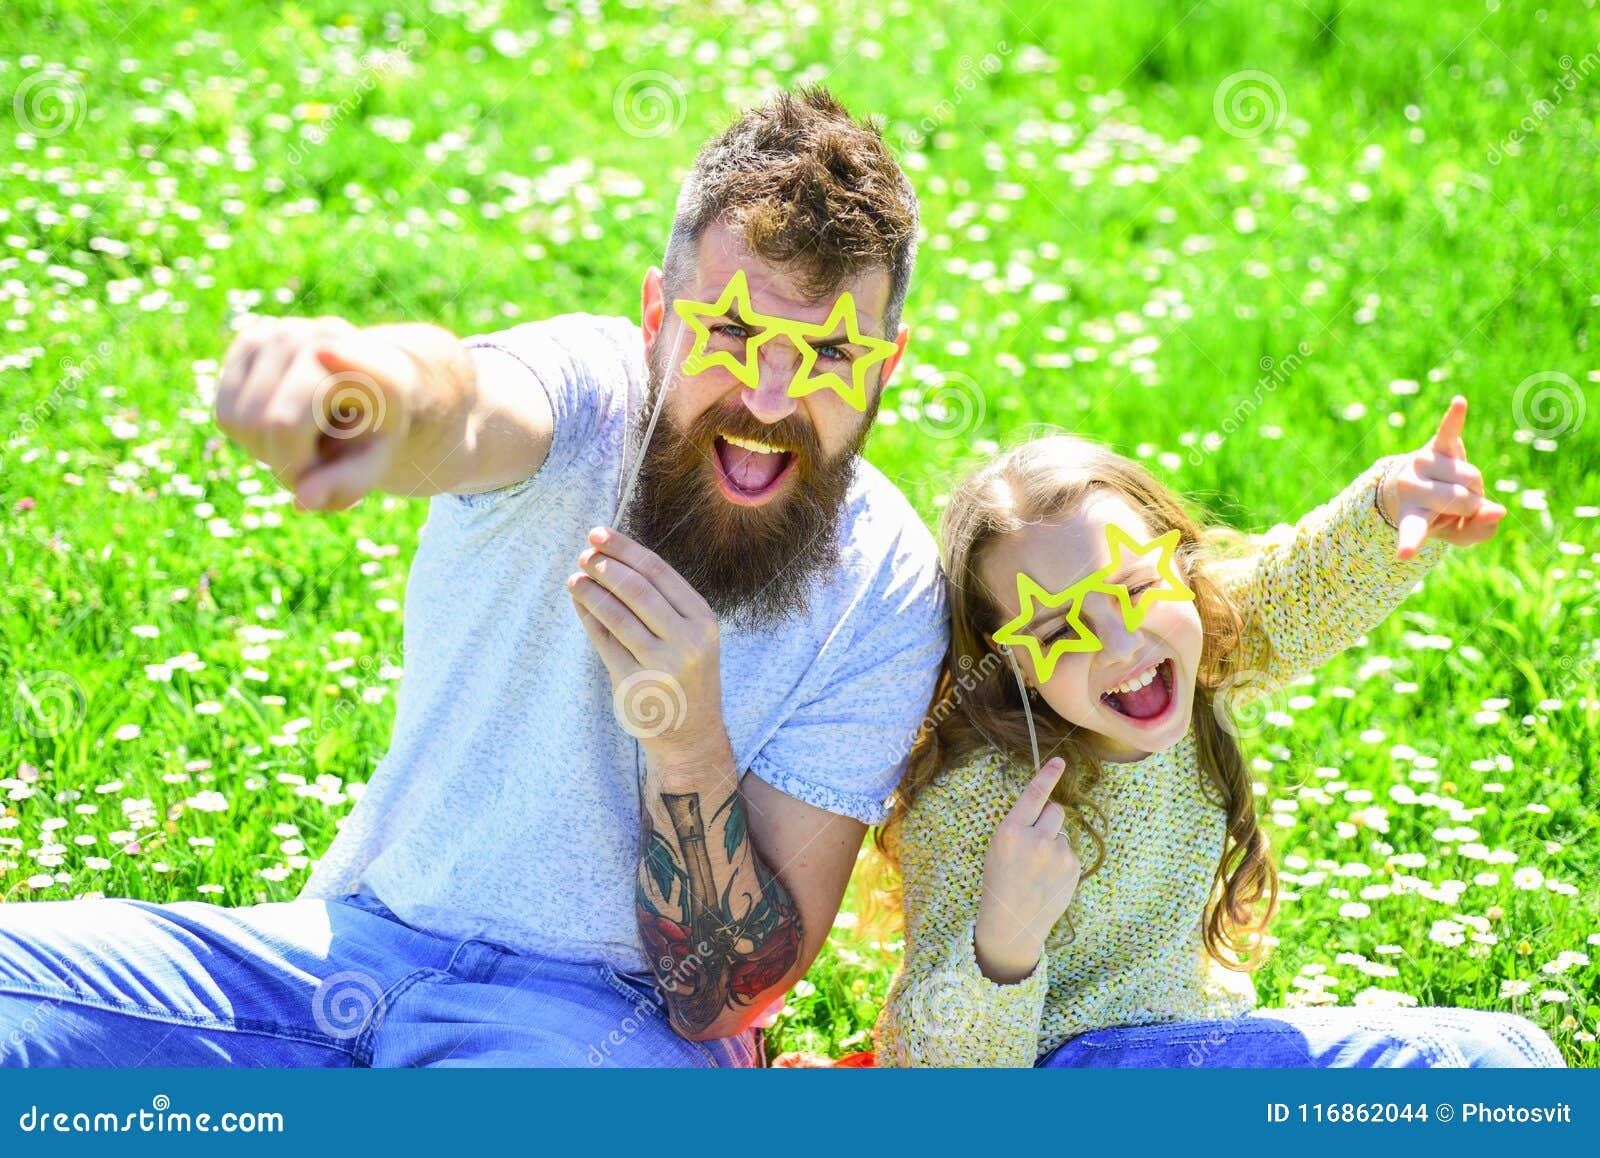 Концепция рок-звезды Семья тратит отдых outdoors Ребенок и папа представляя с звездой сформировали атрибут будочки фото eyeglases